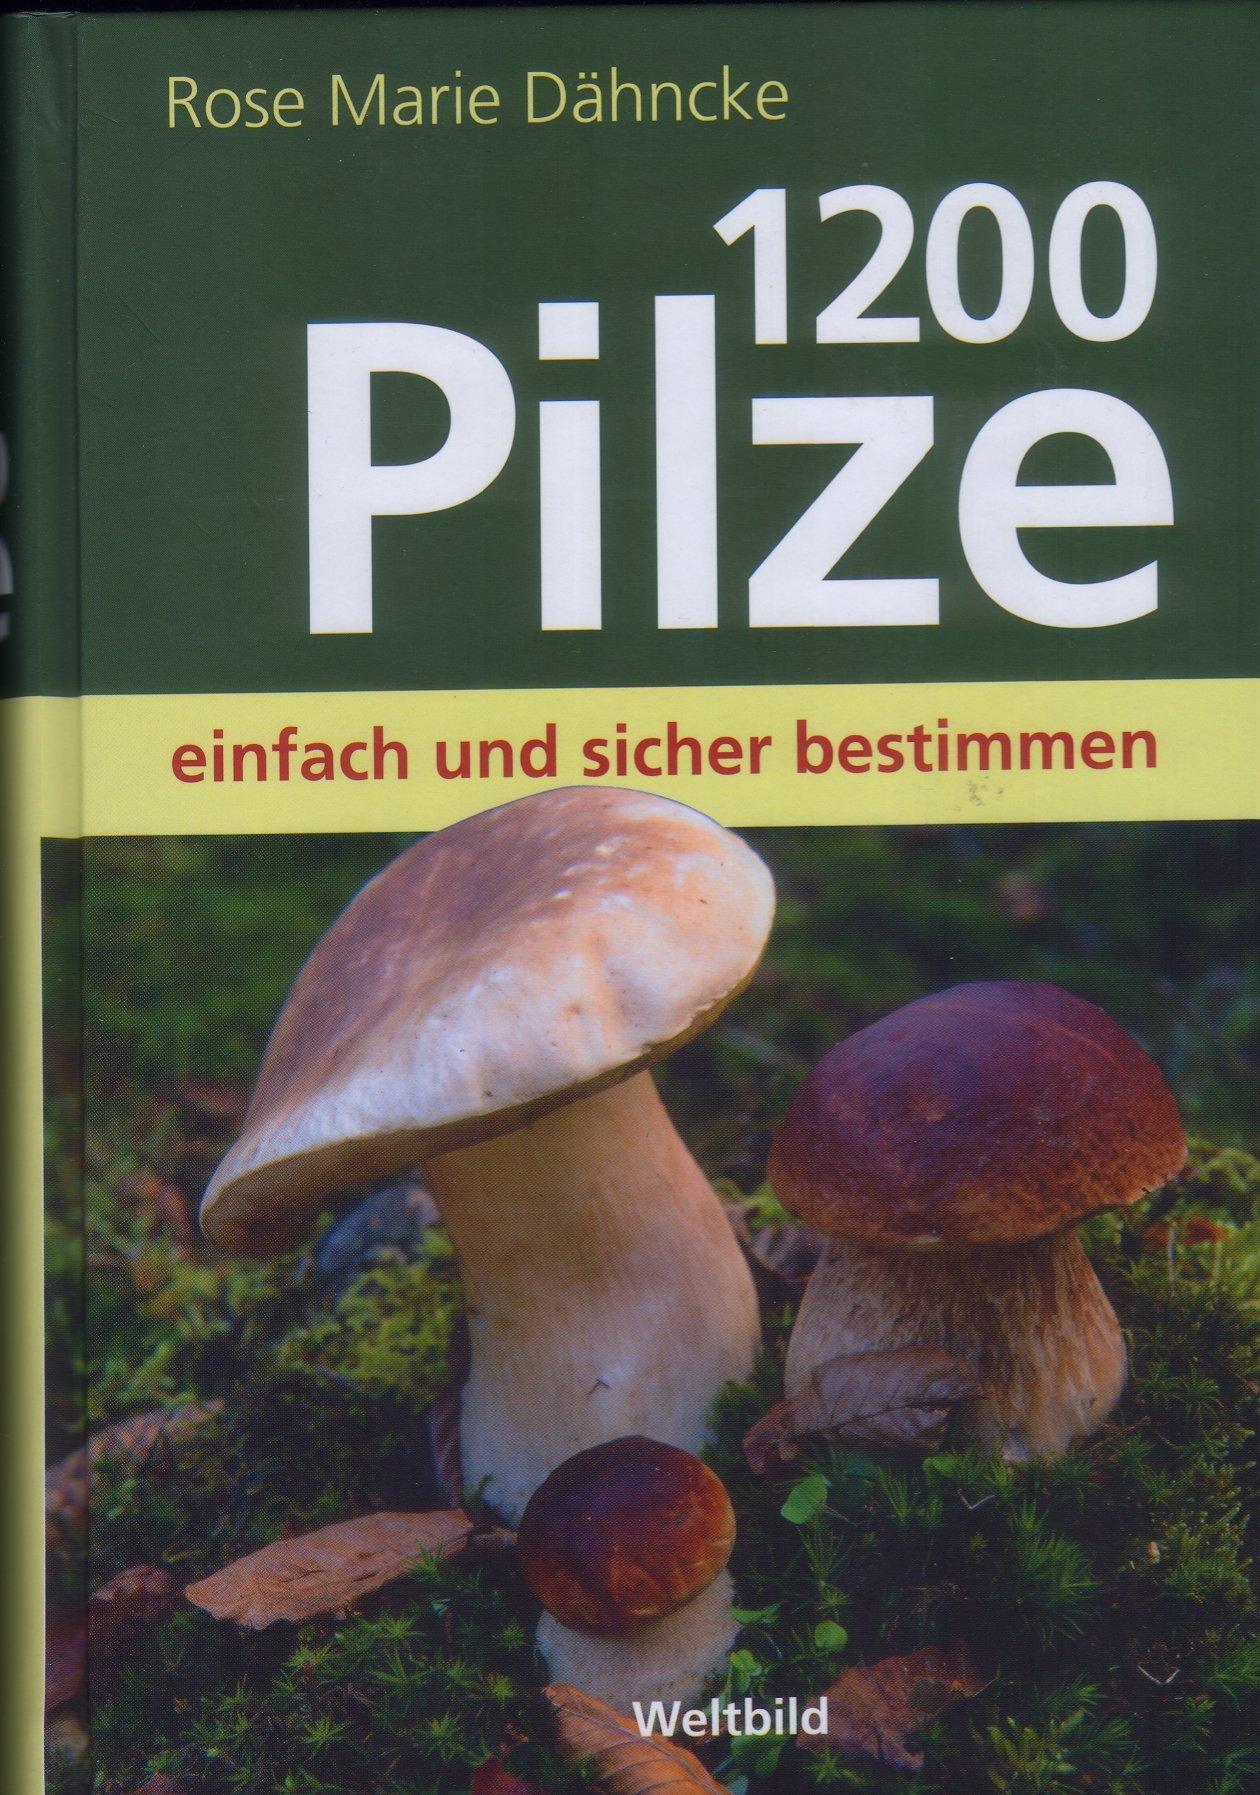 1200 Pilze einfach und sicher bestimmen